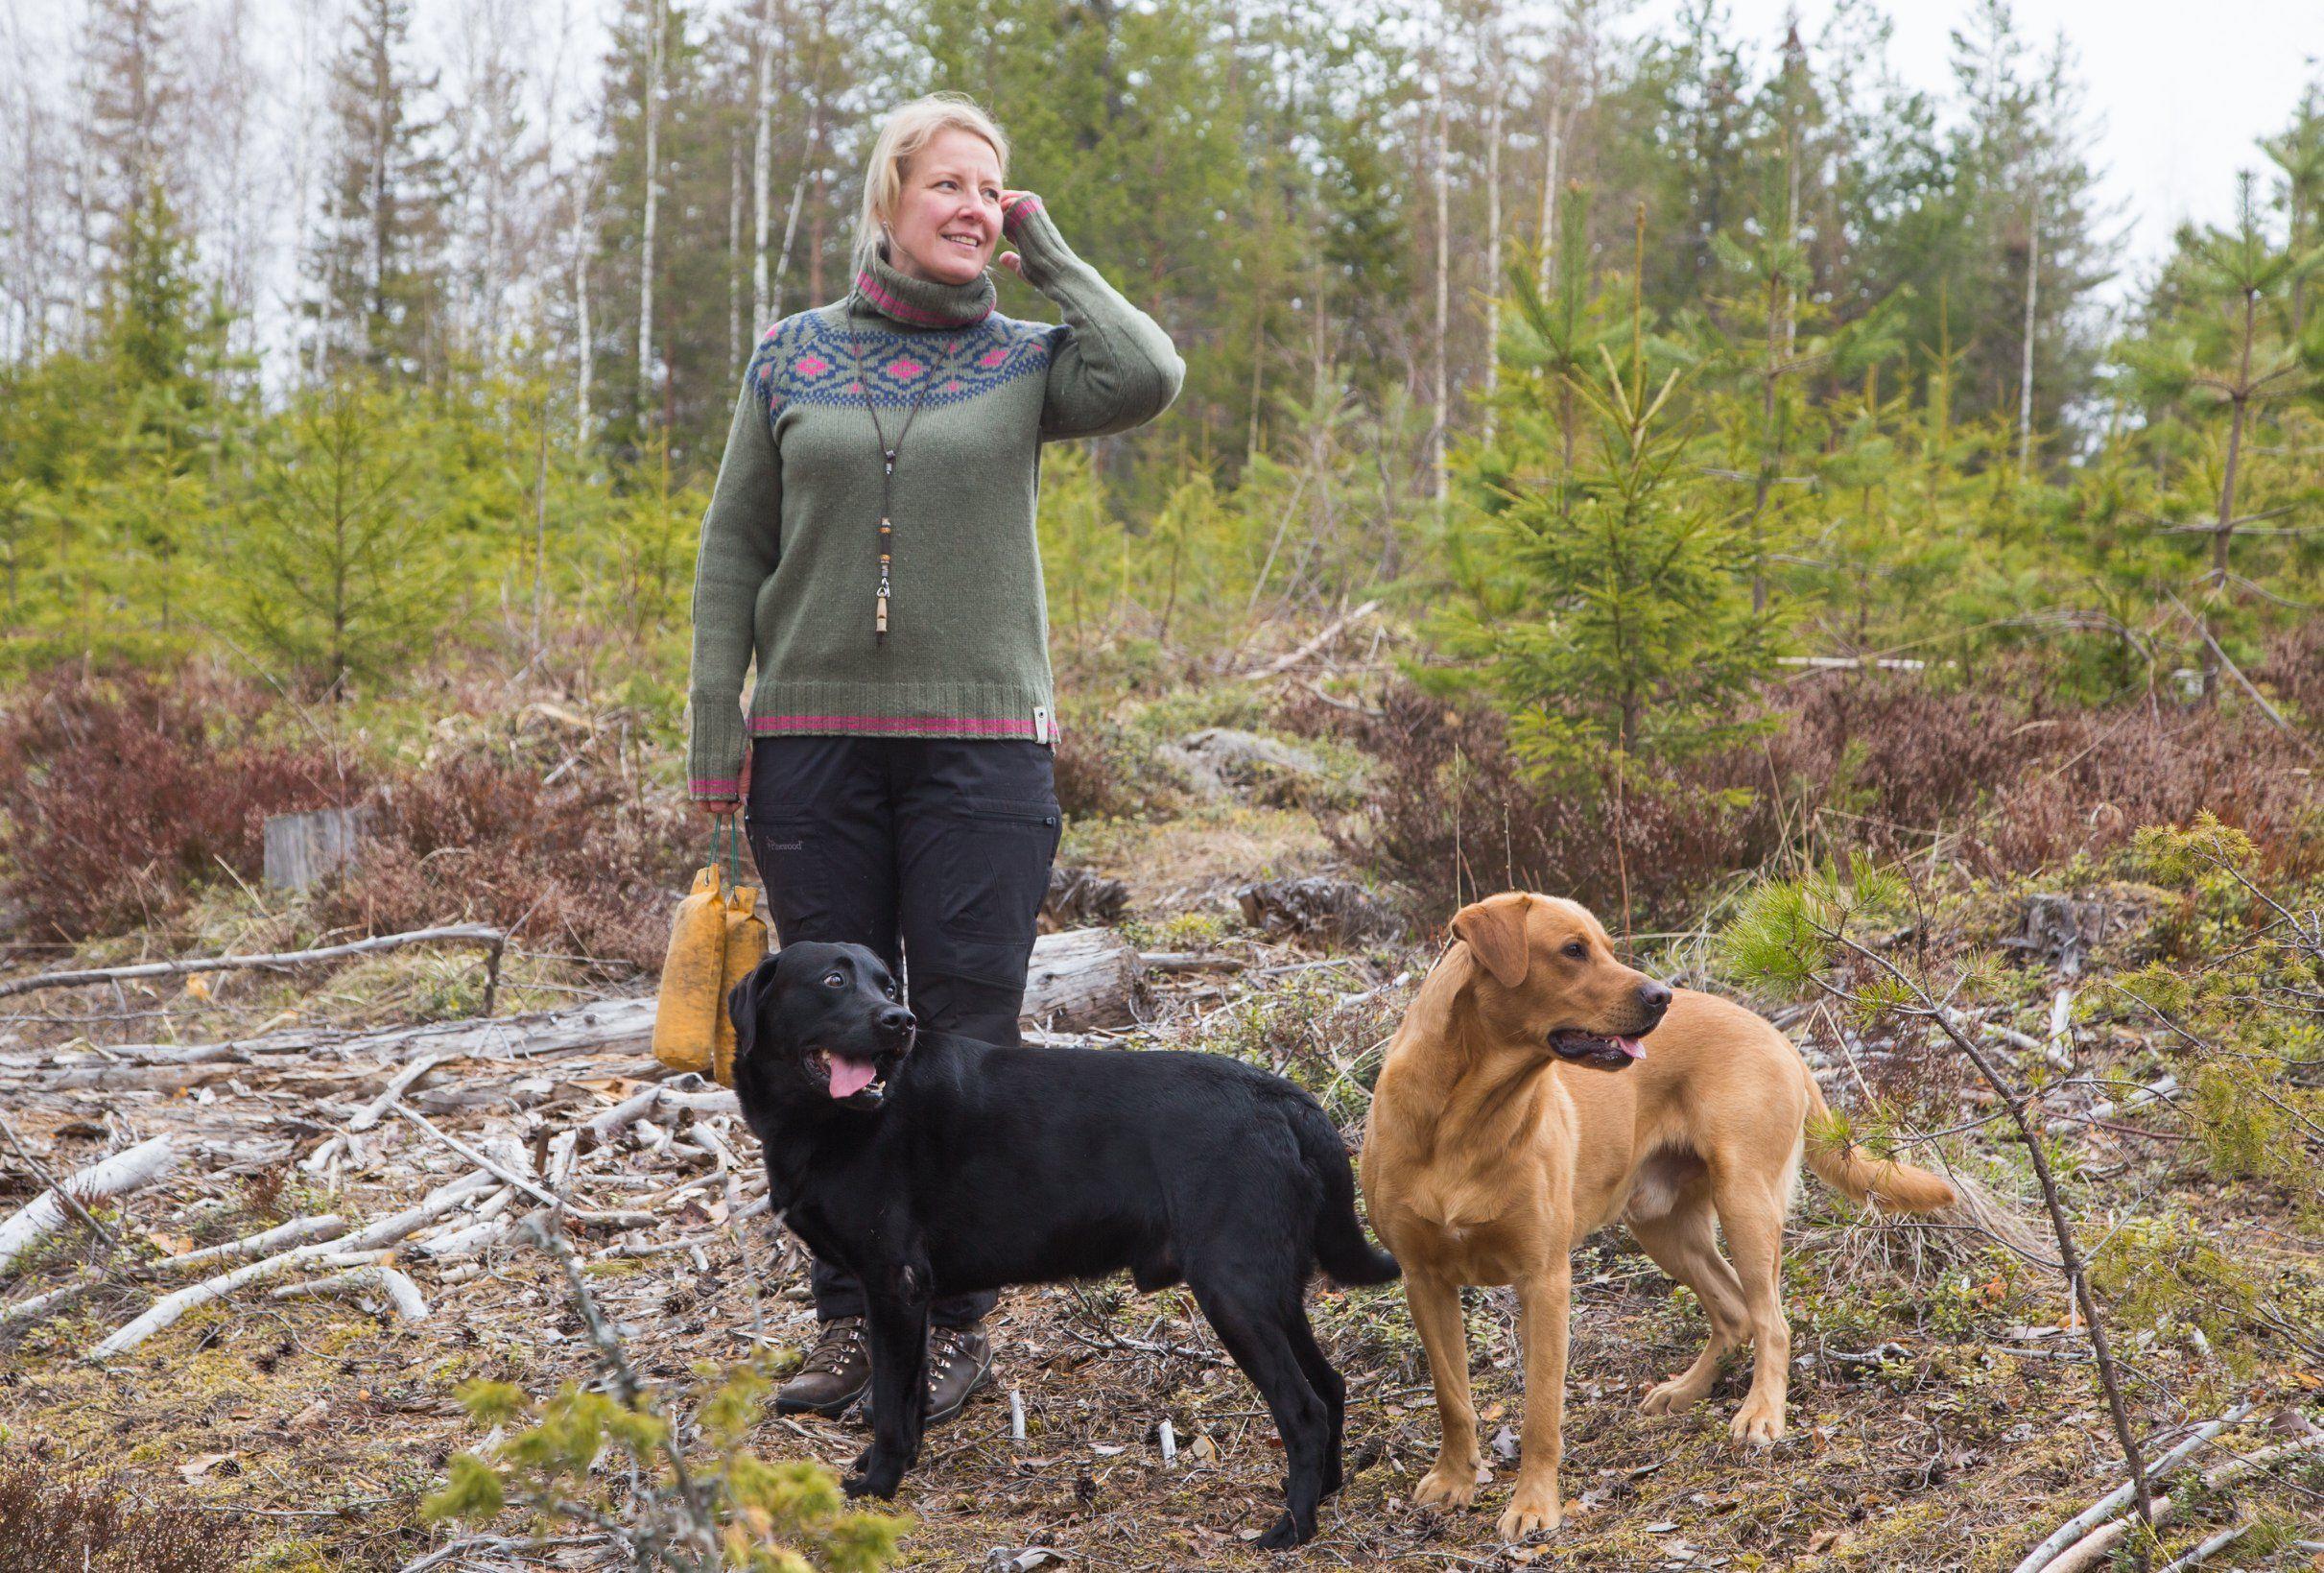 Aloittelevien koirakoiden Peruskurssi 1 verkossa alk. 11.2.2021